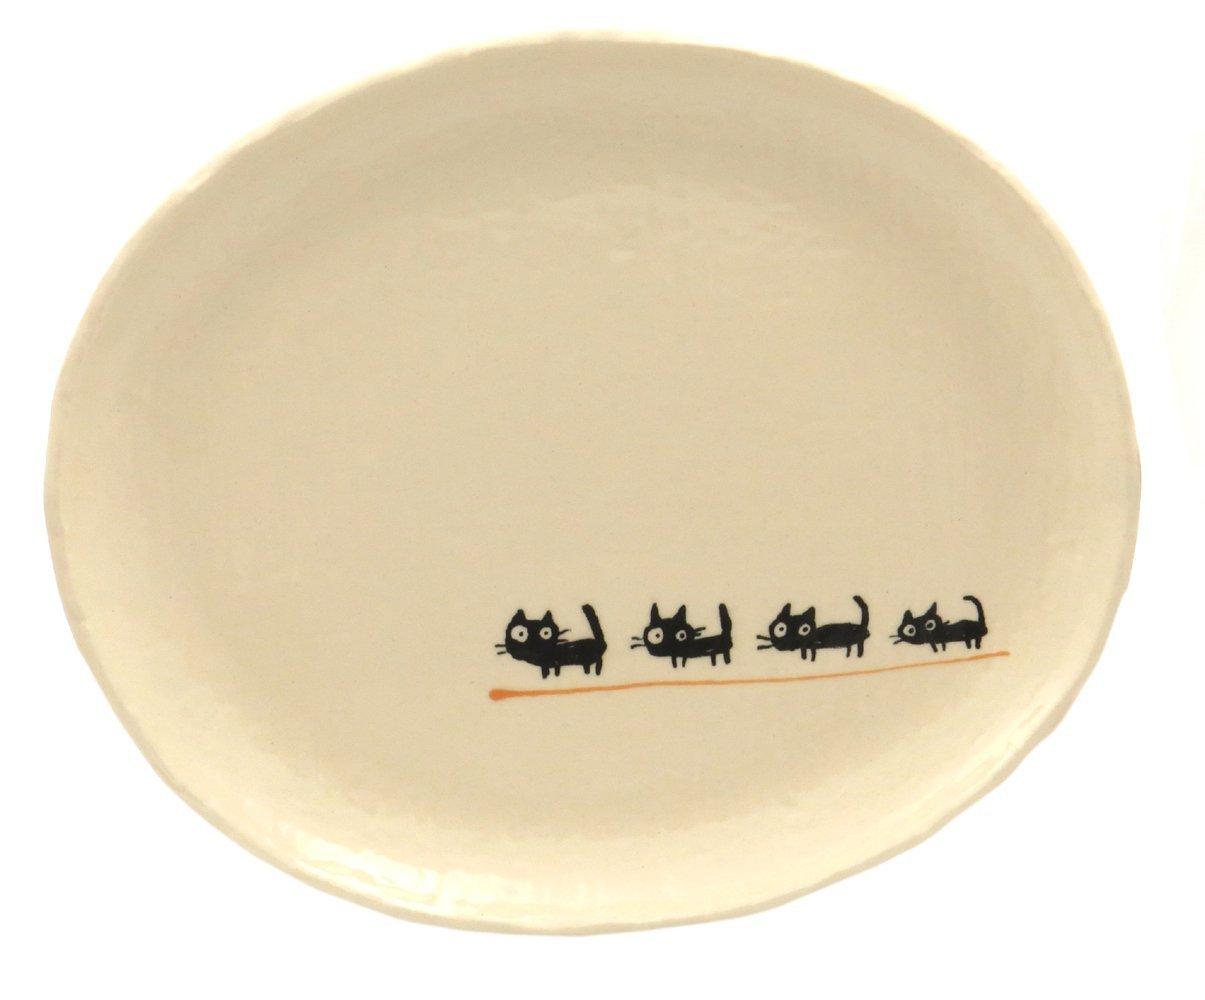 23cmのメイン用3サイズの大きいお皿【小判皿大(黒ねこオレンジ)】